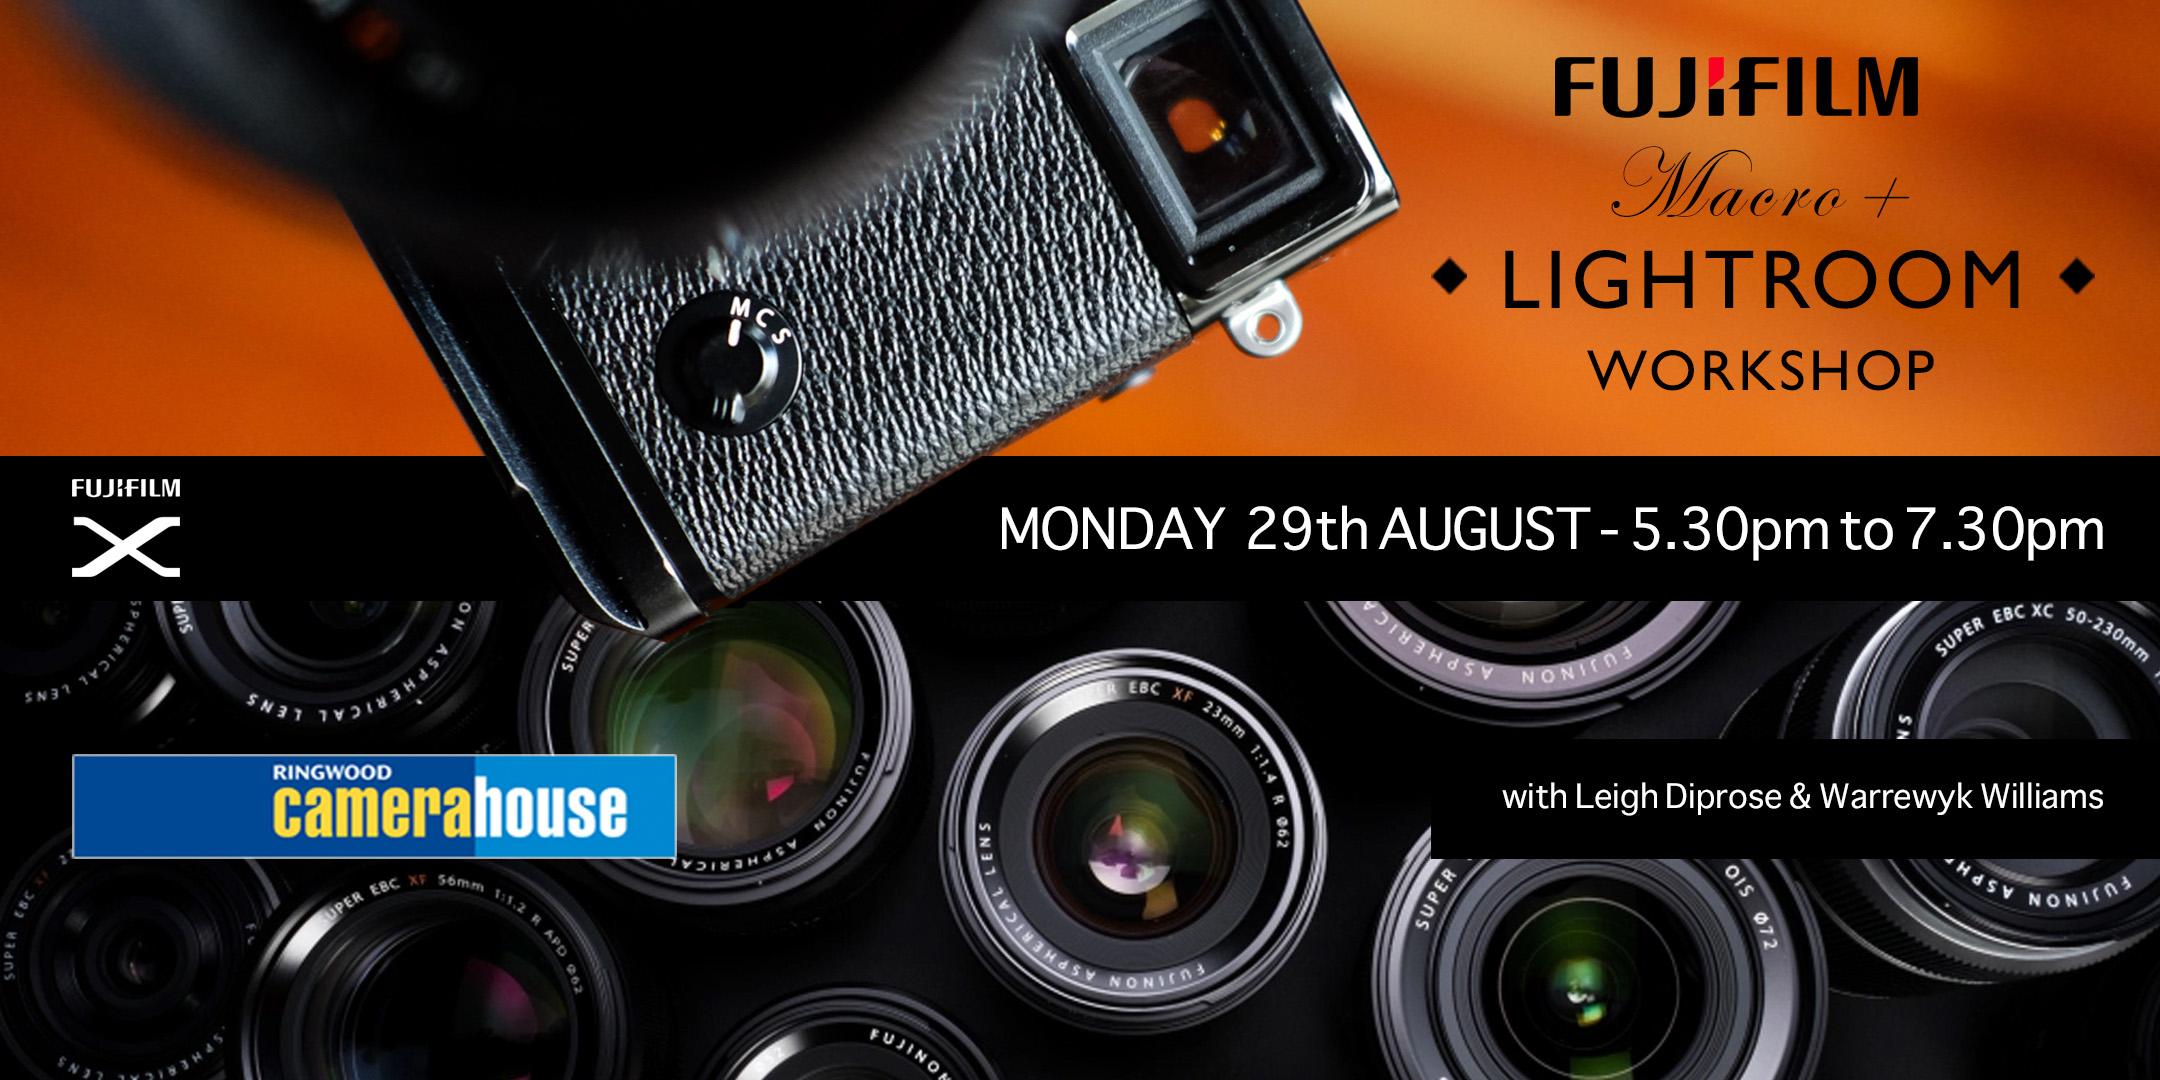 Fujifilm Macro and Lightroom workshop